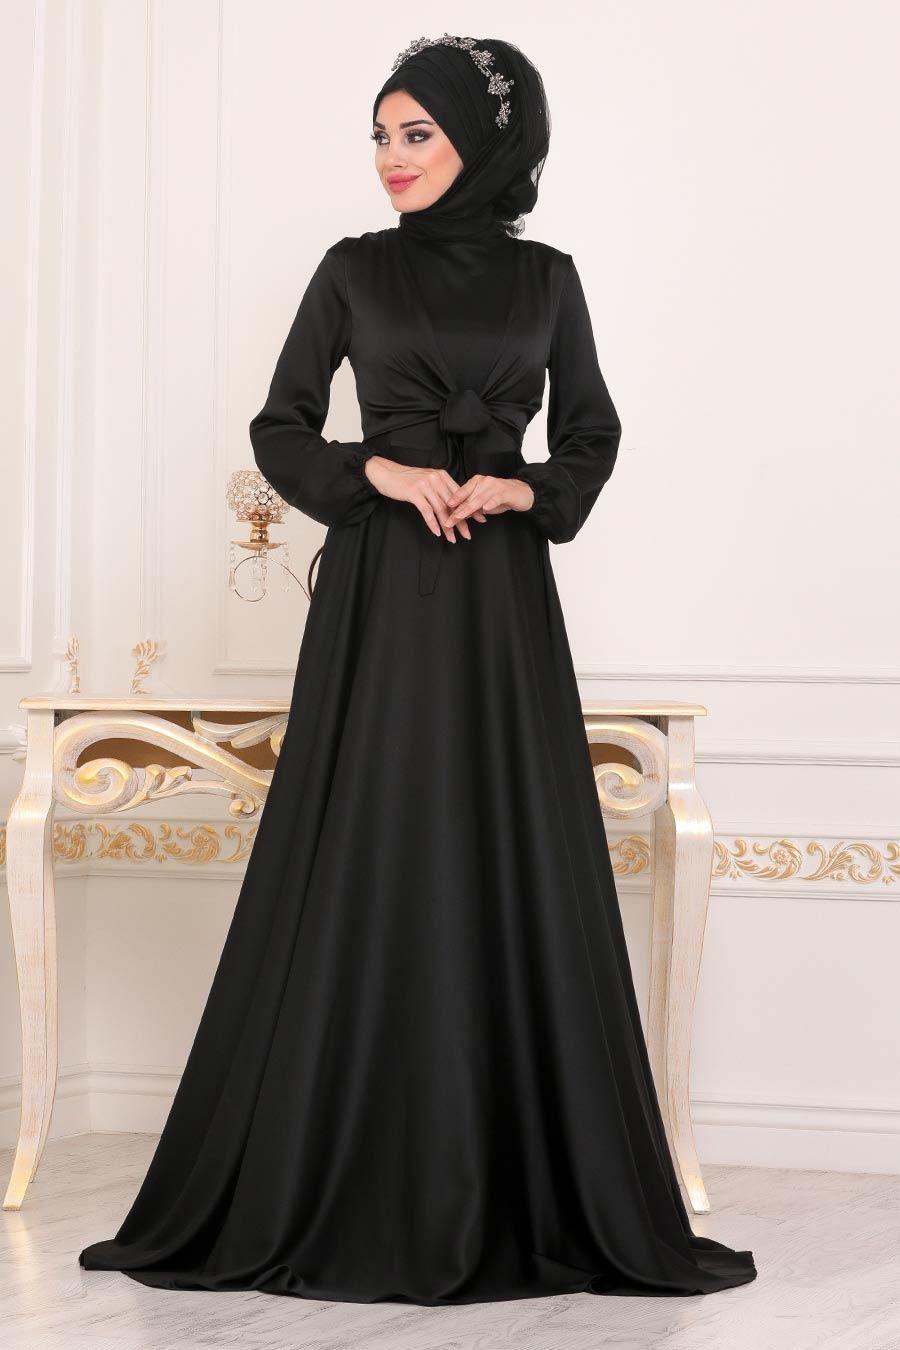 Tesetturlu Abiye Elbise Krep Saten Siyah Tesettur Abiye Elbise 14251s Tesetturisland Com Elbise Moda Stilleri The Dress